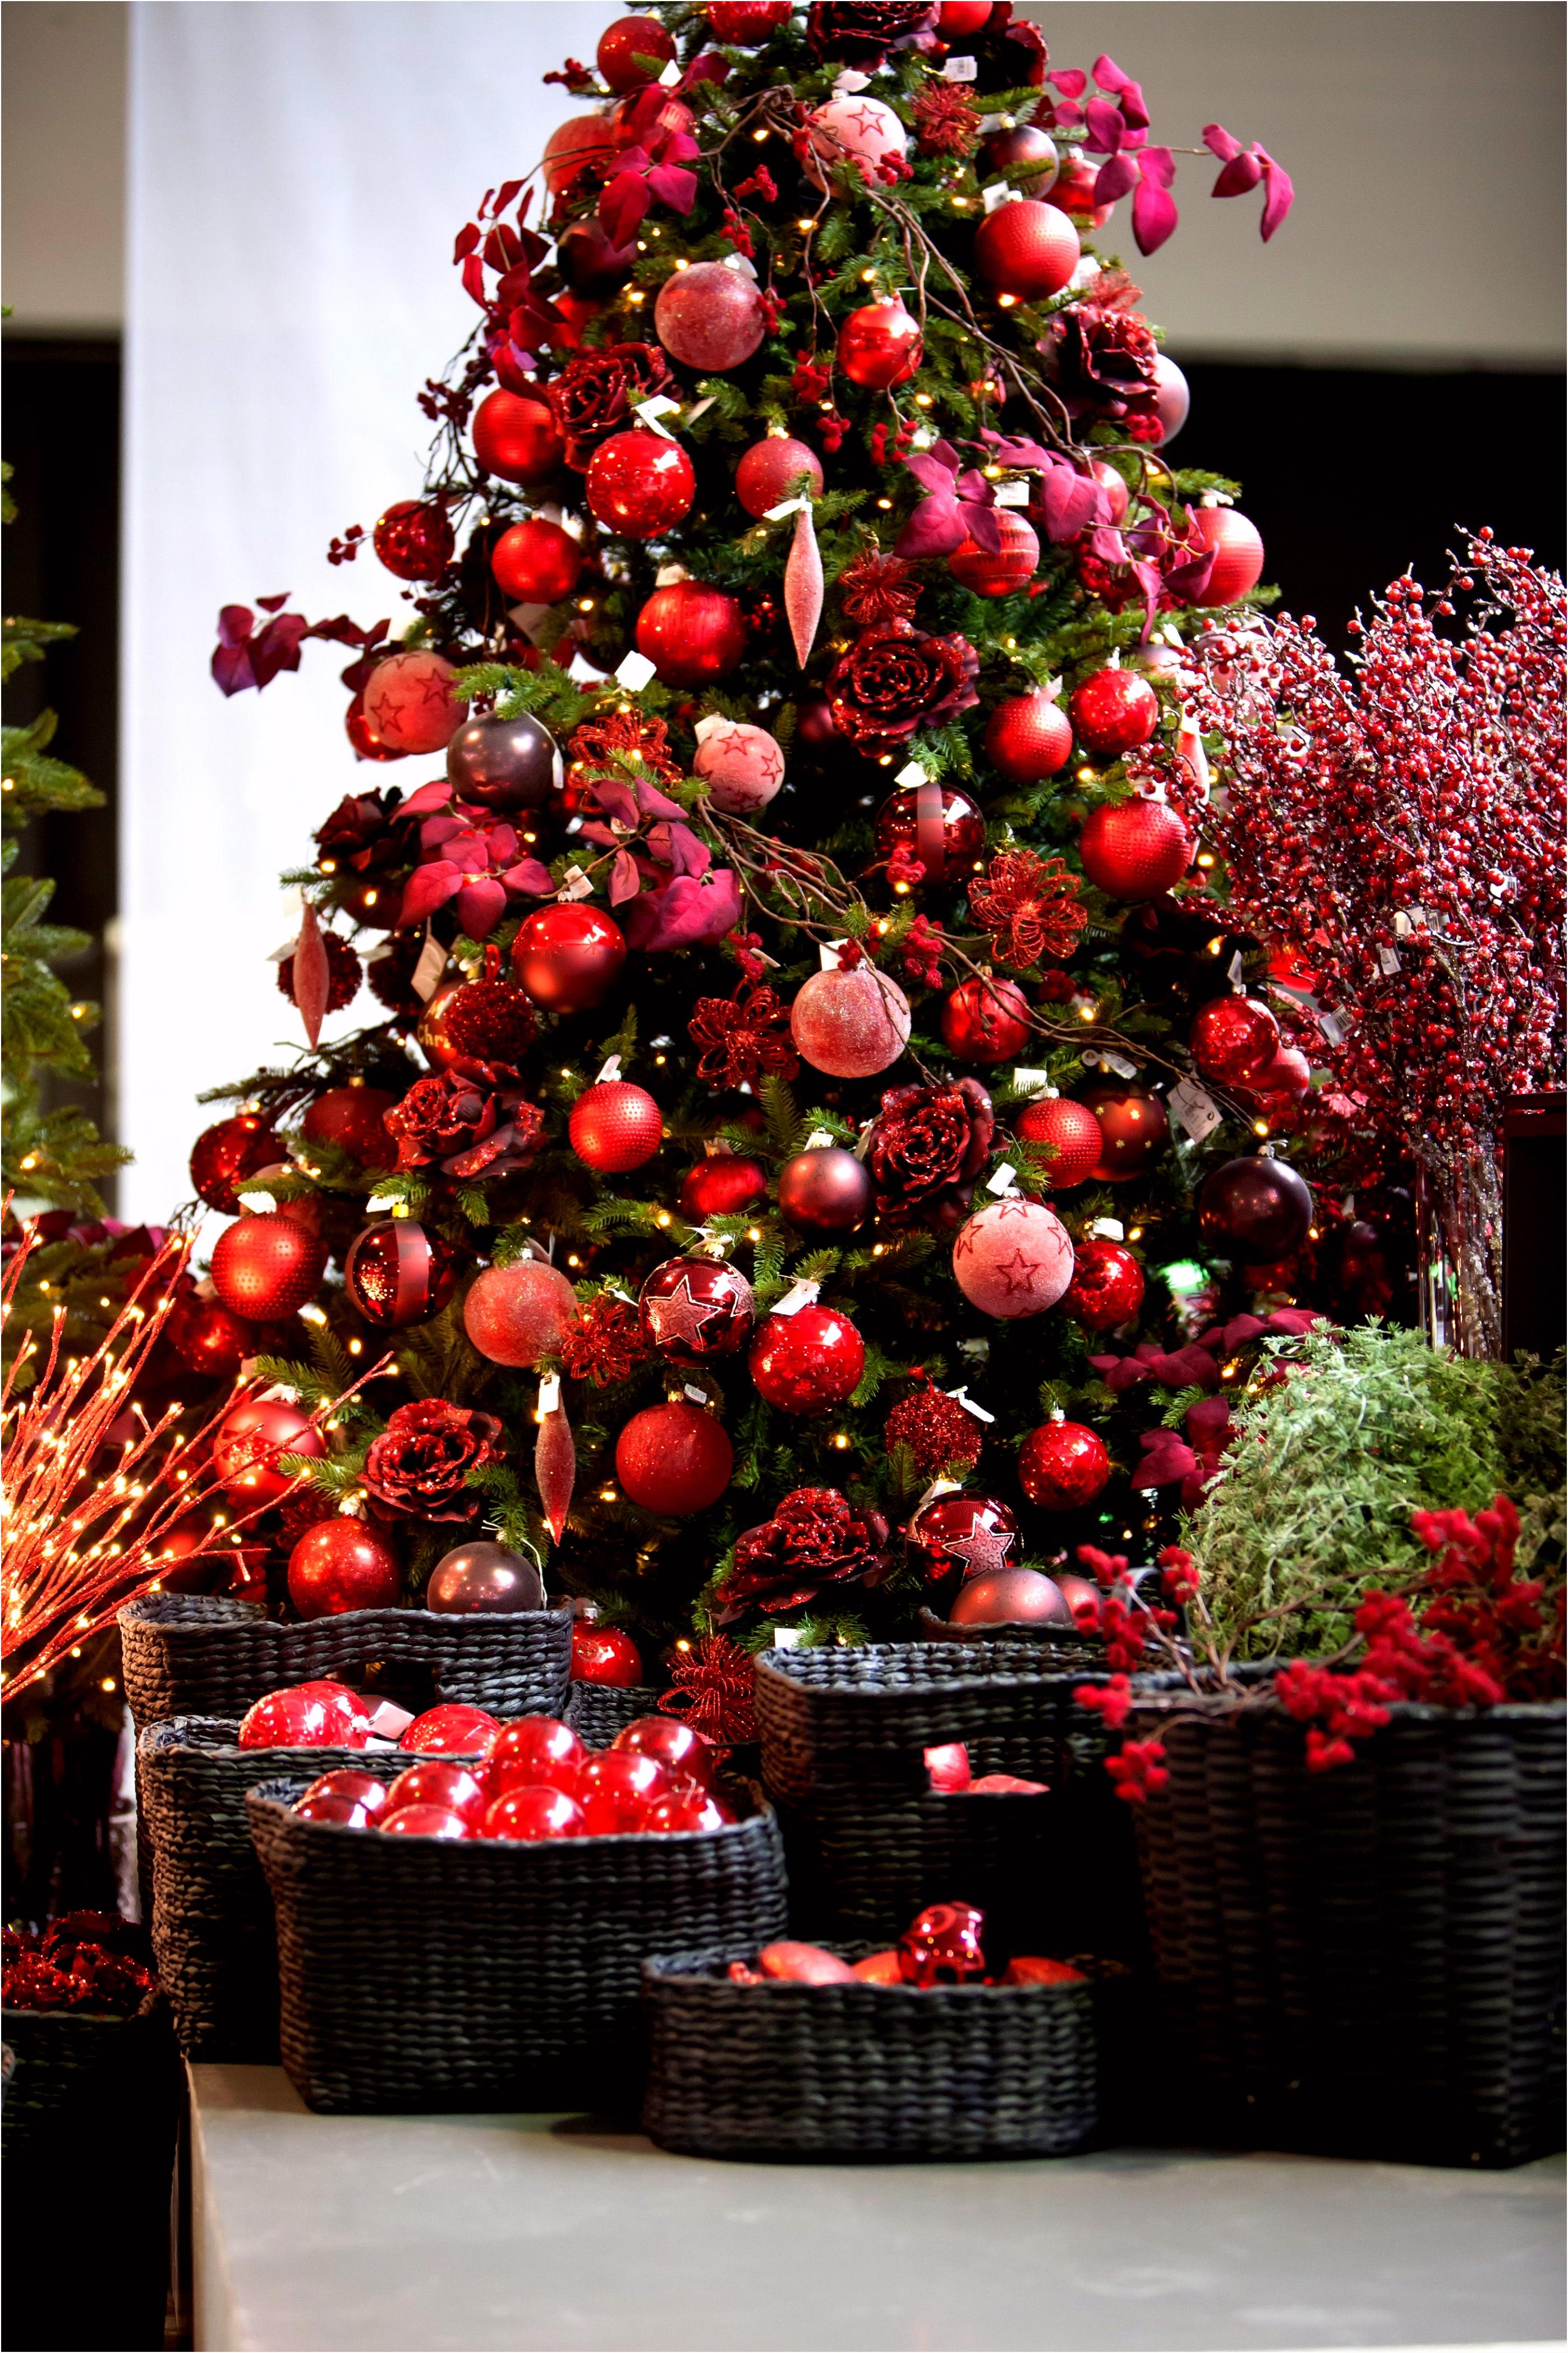 Prettige Feestdagen Deurhanger thema Rood Met Prachtige Kerstballen En Fijne Takken sober Niet A8uw05ahu6 Zvidvvwaks